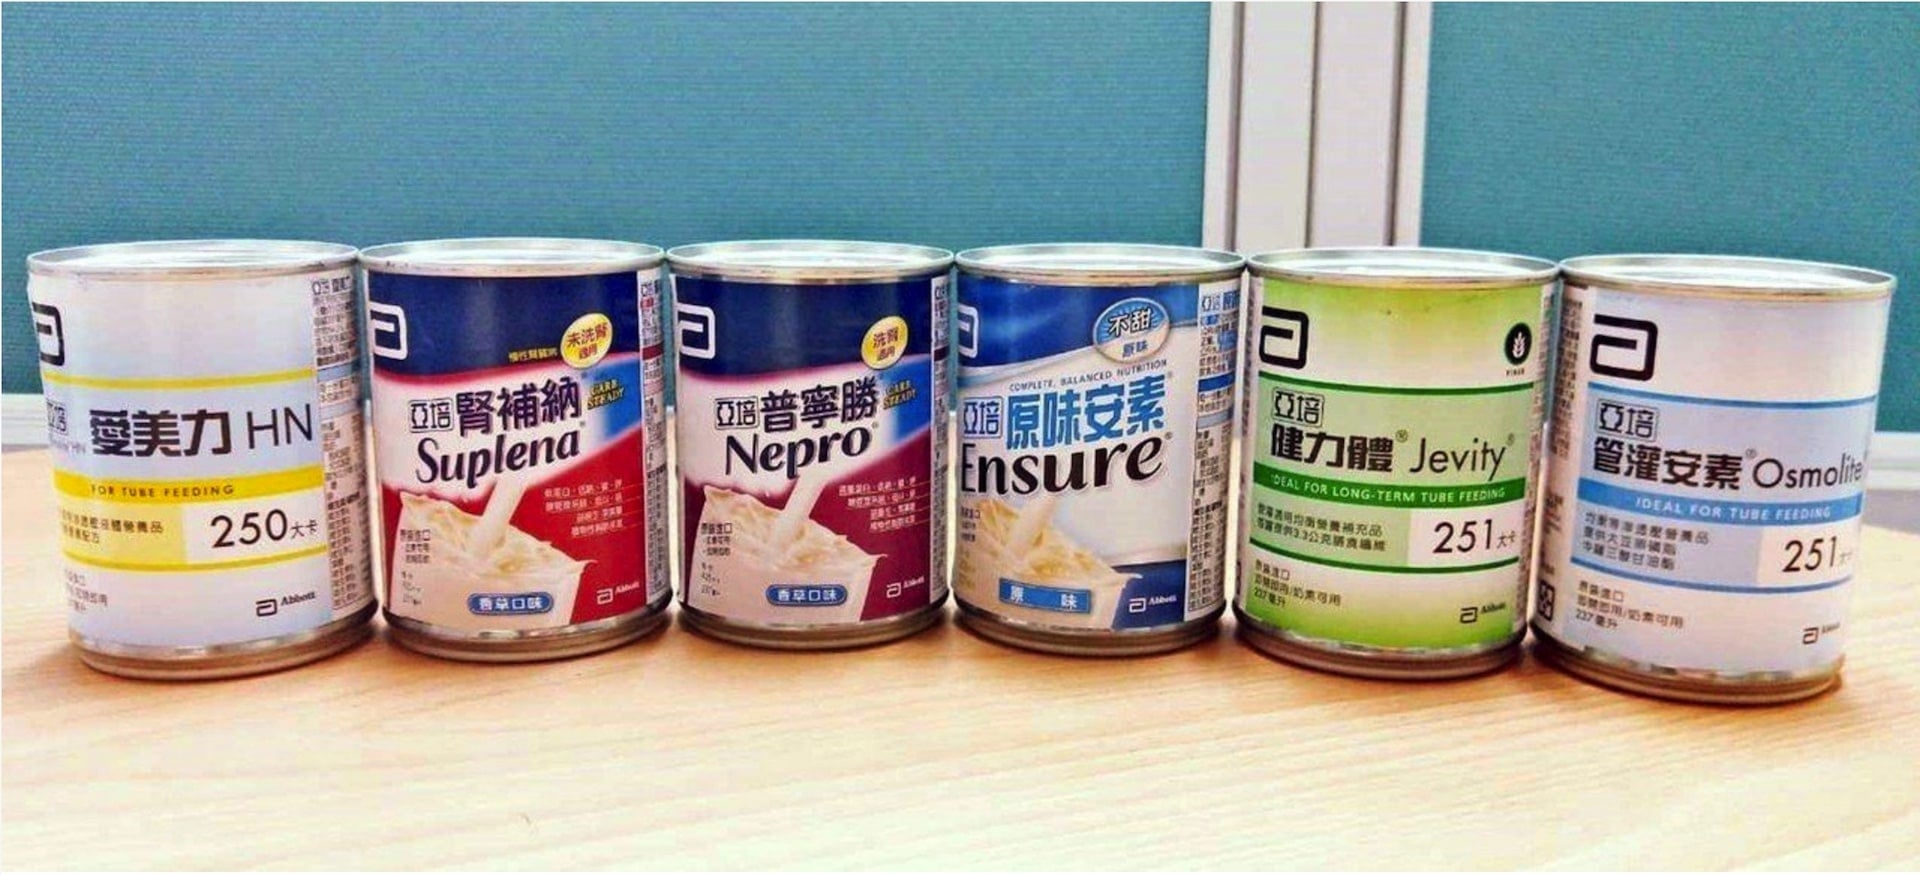 亞培營養補充品